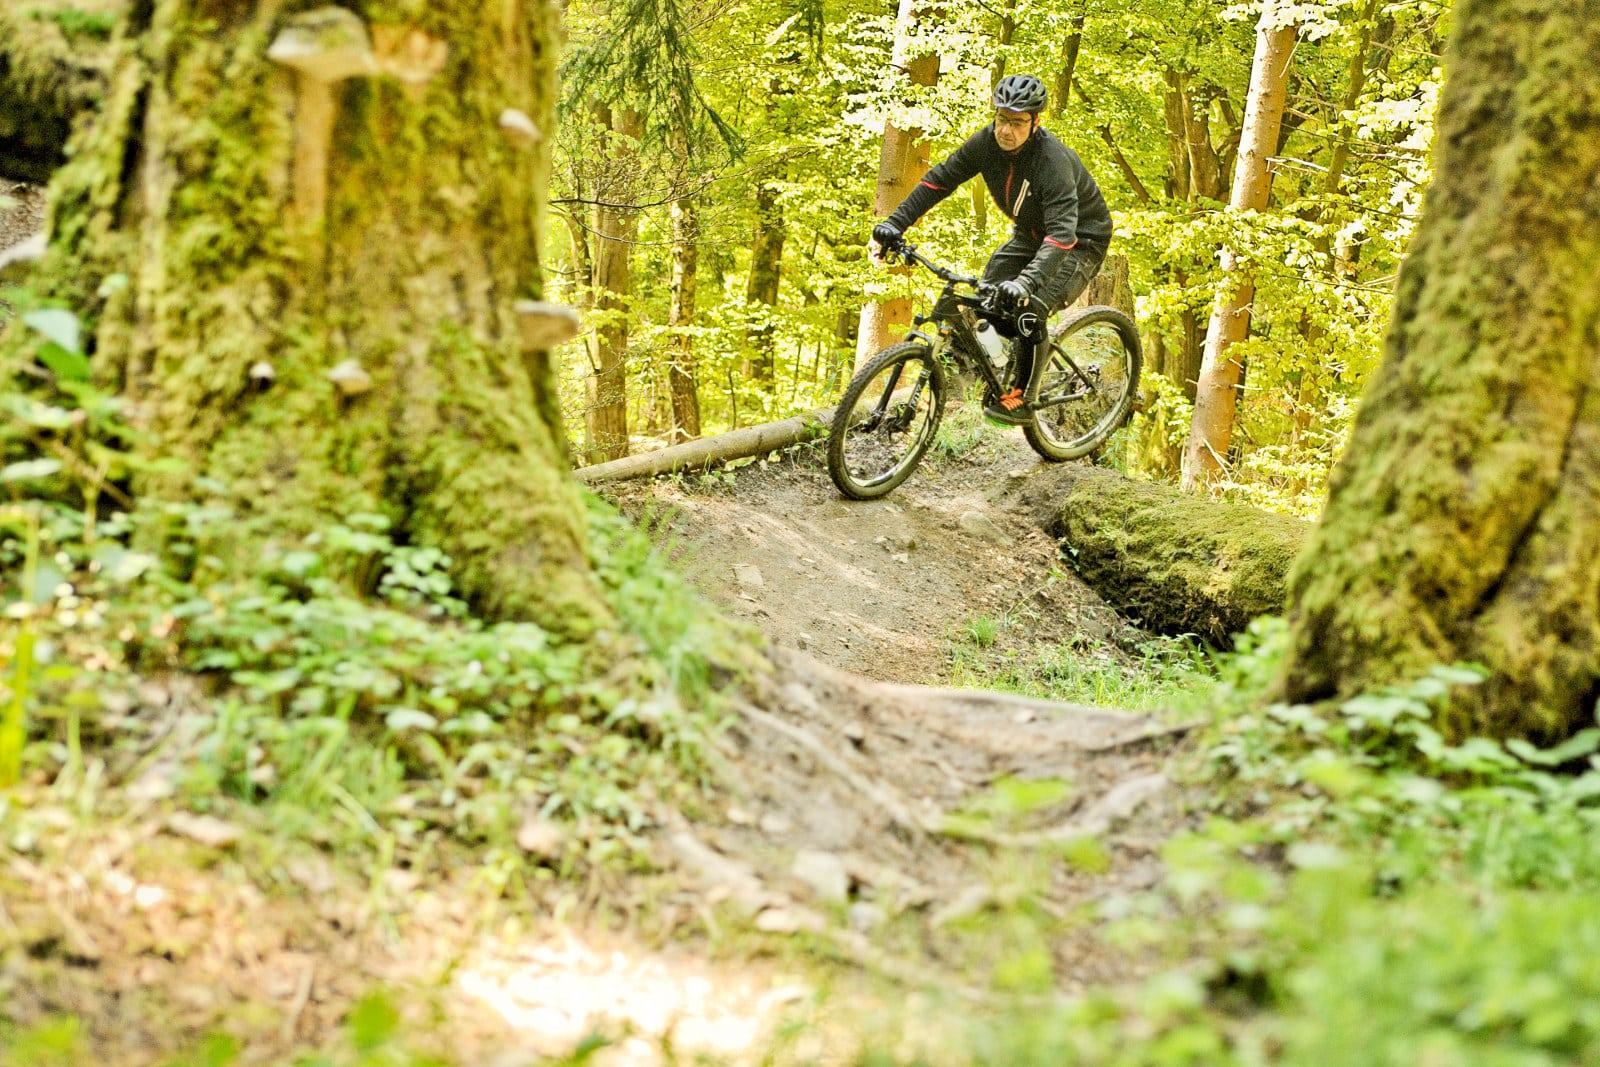 Kurven mit Hindernissen locker biken